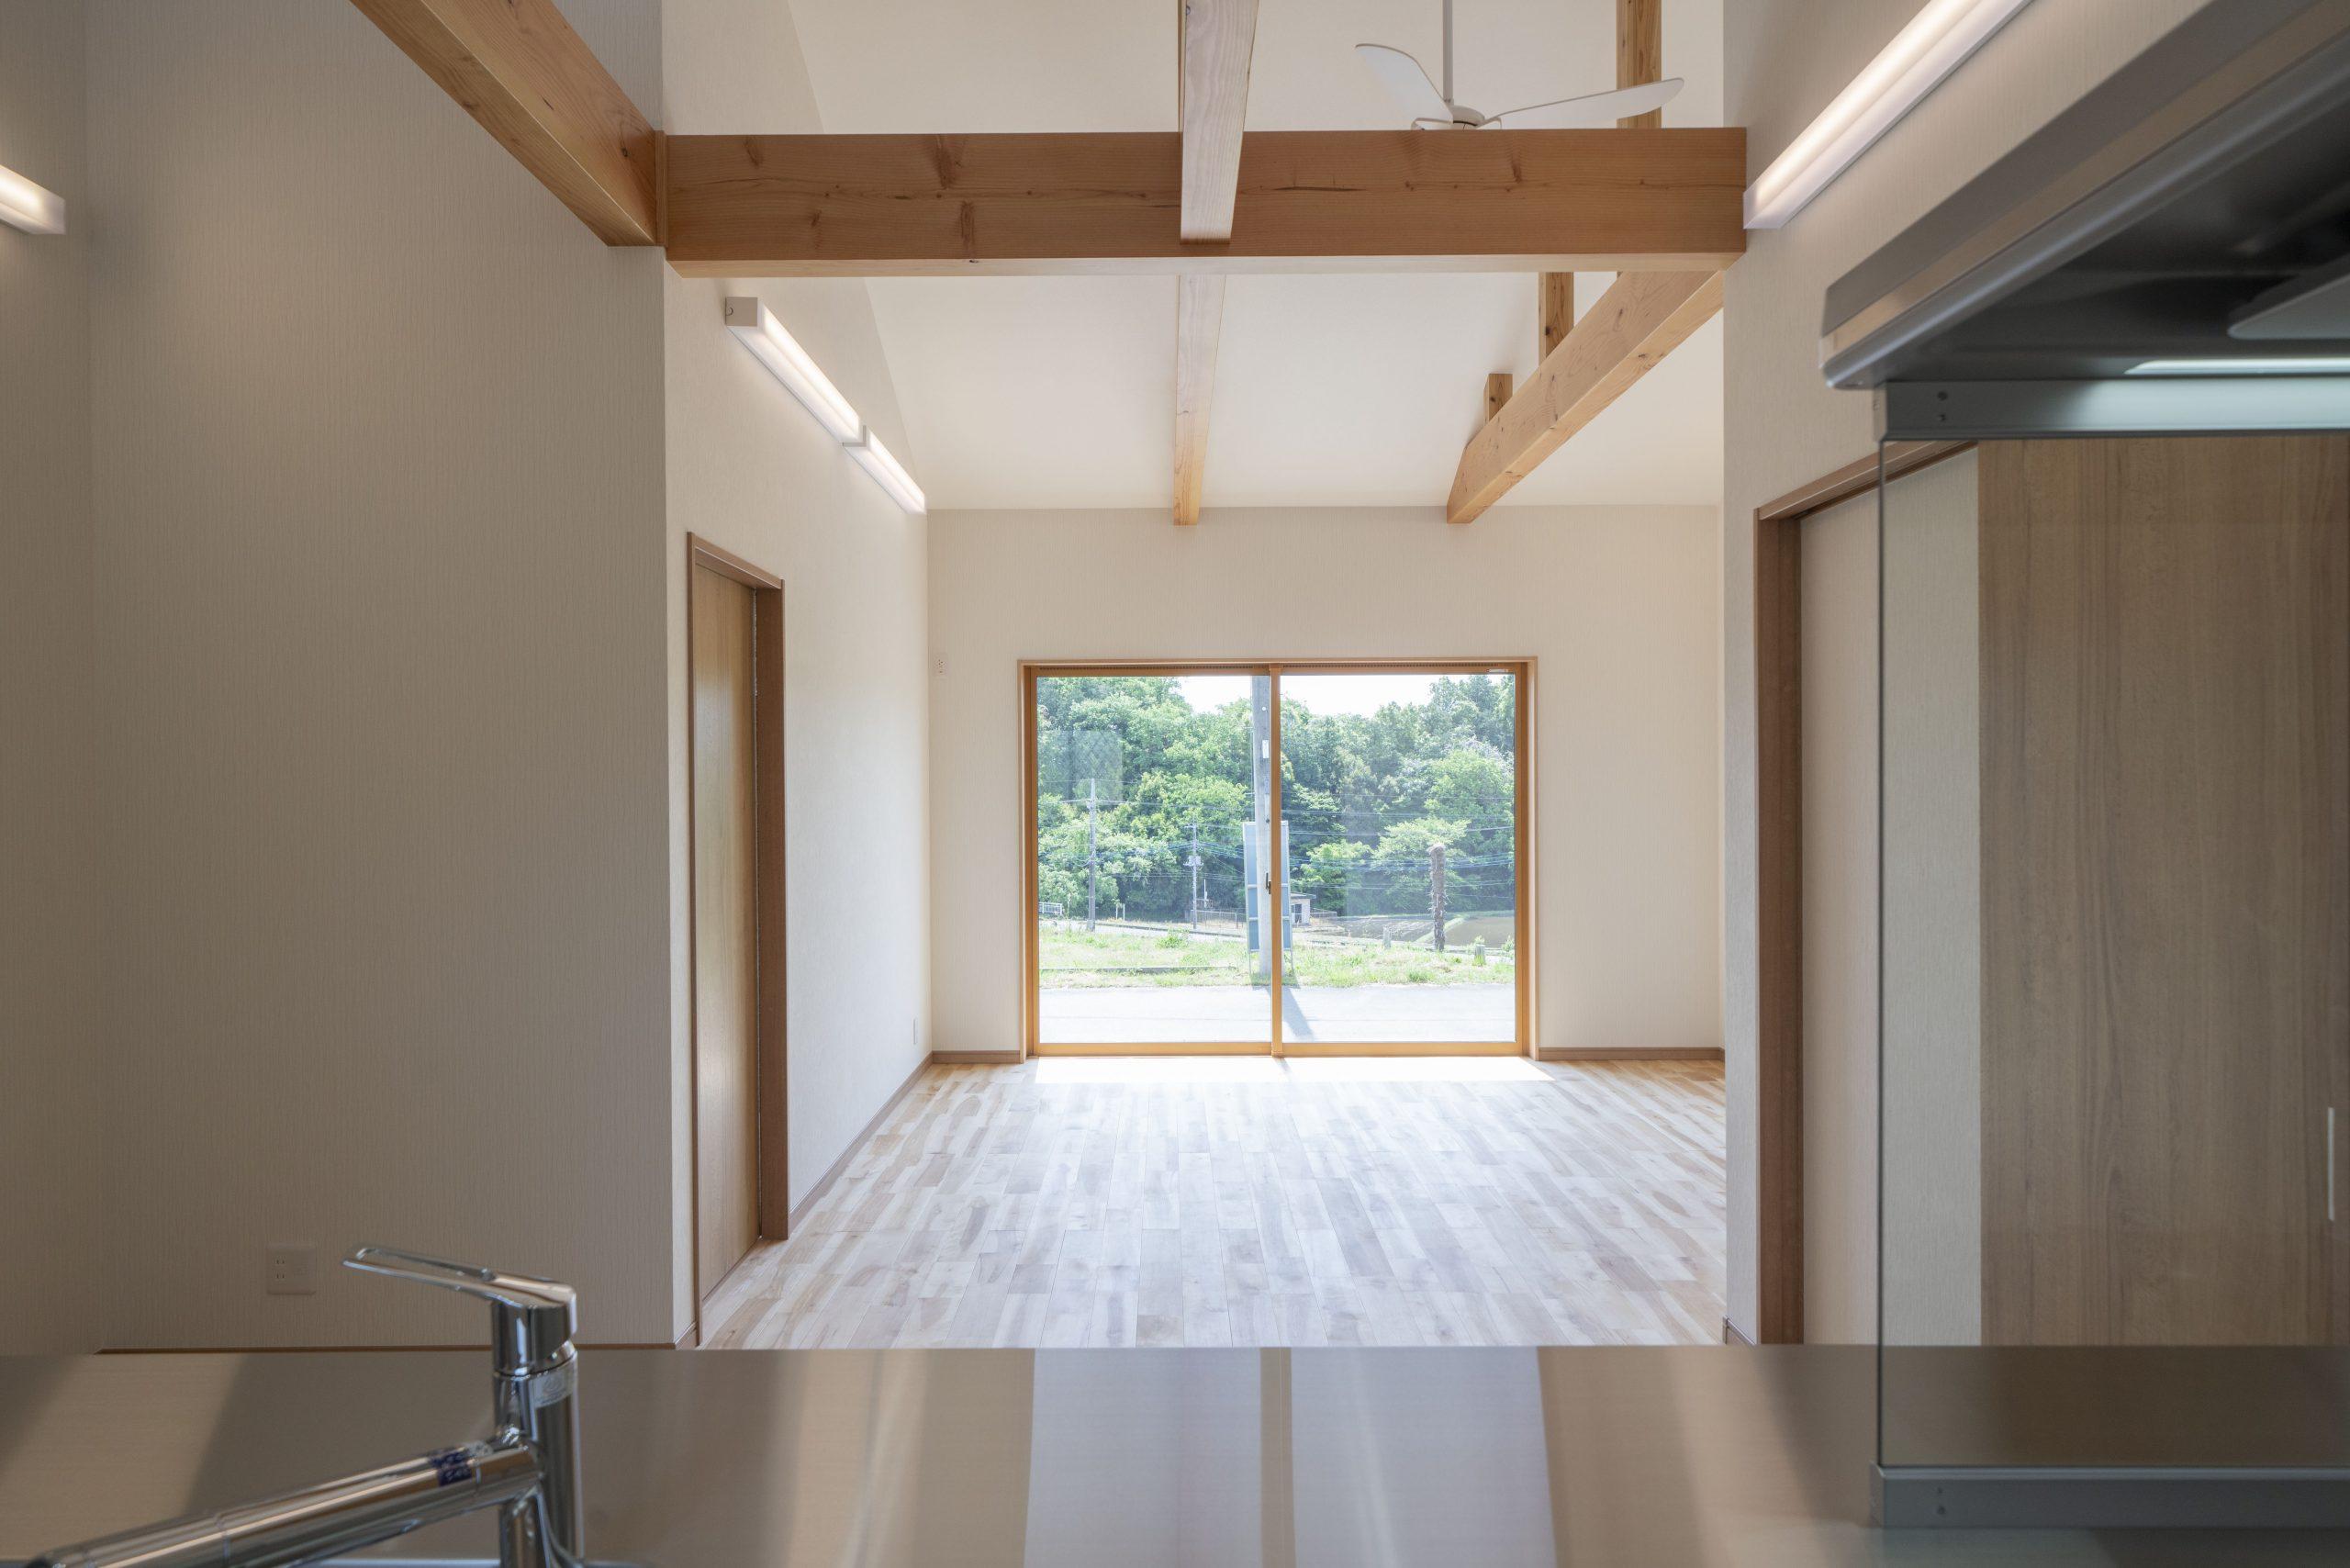 対面キッチンの正面に見えるリビングの窓